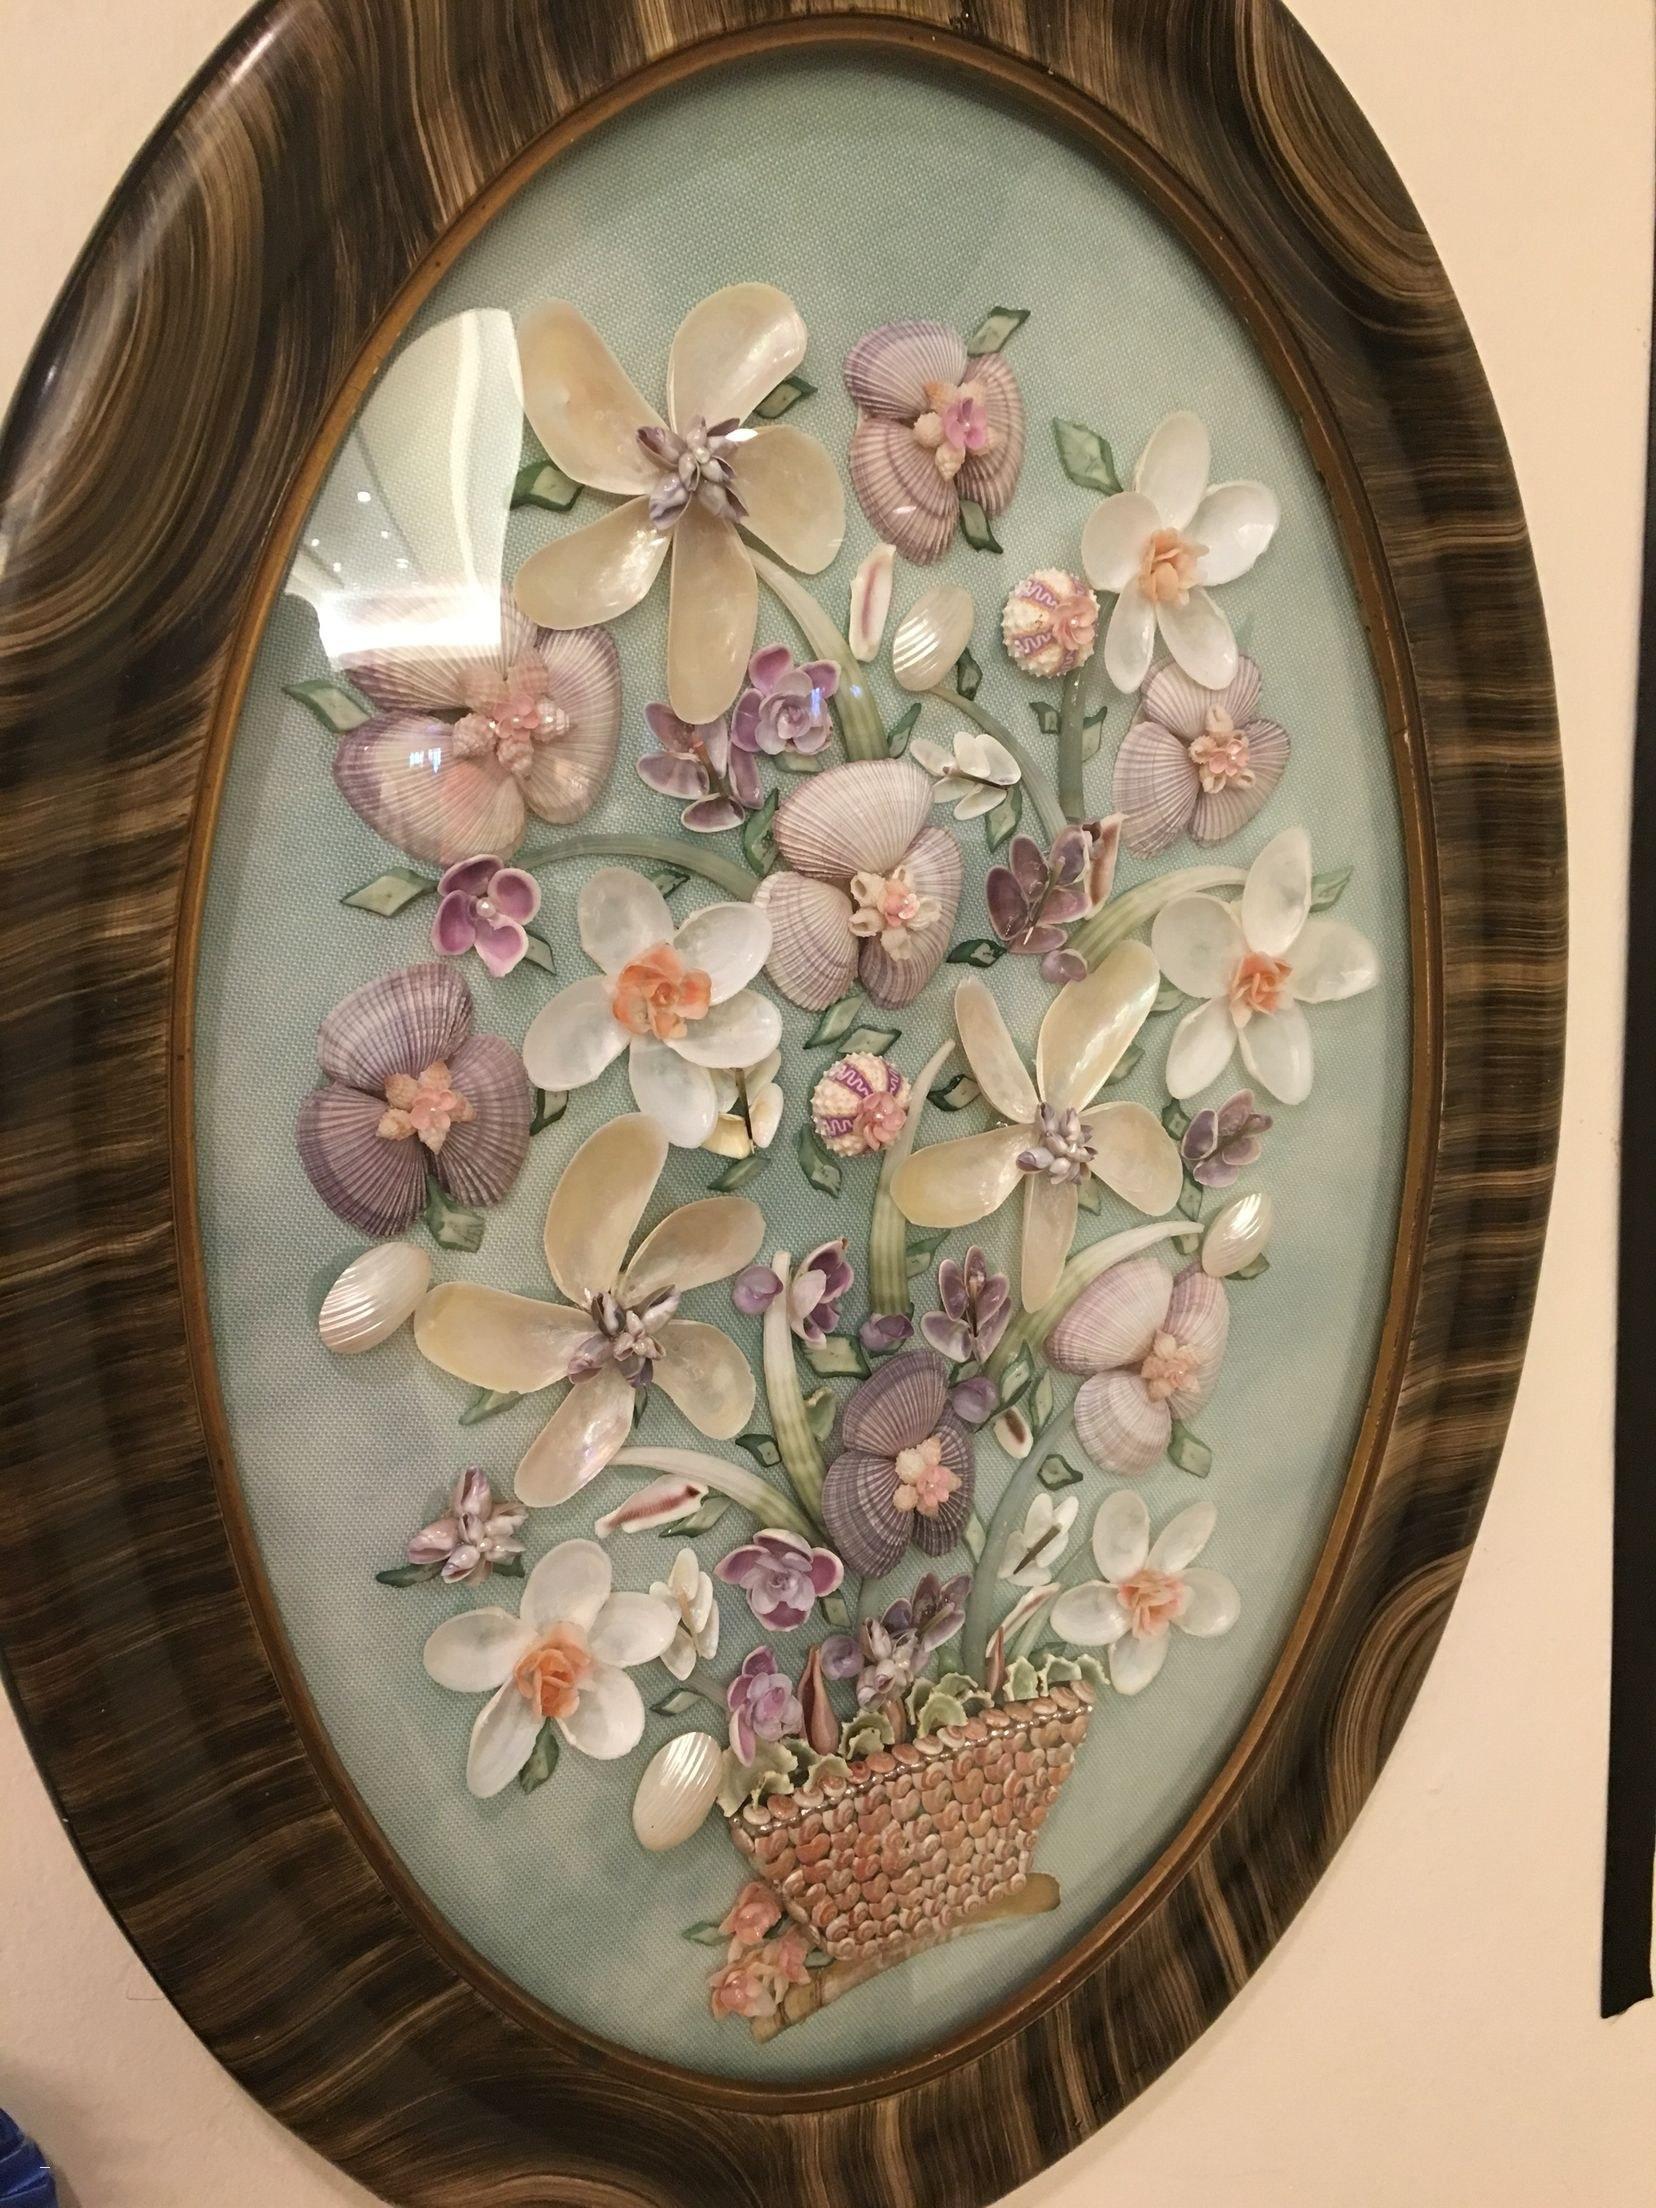 Malvorlage Blumen ornamente Neu Malvorlagen ornamente Kostenlos Genial Bilderrahmen Ohne Rahmen Bild